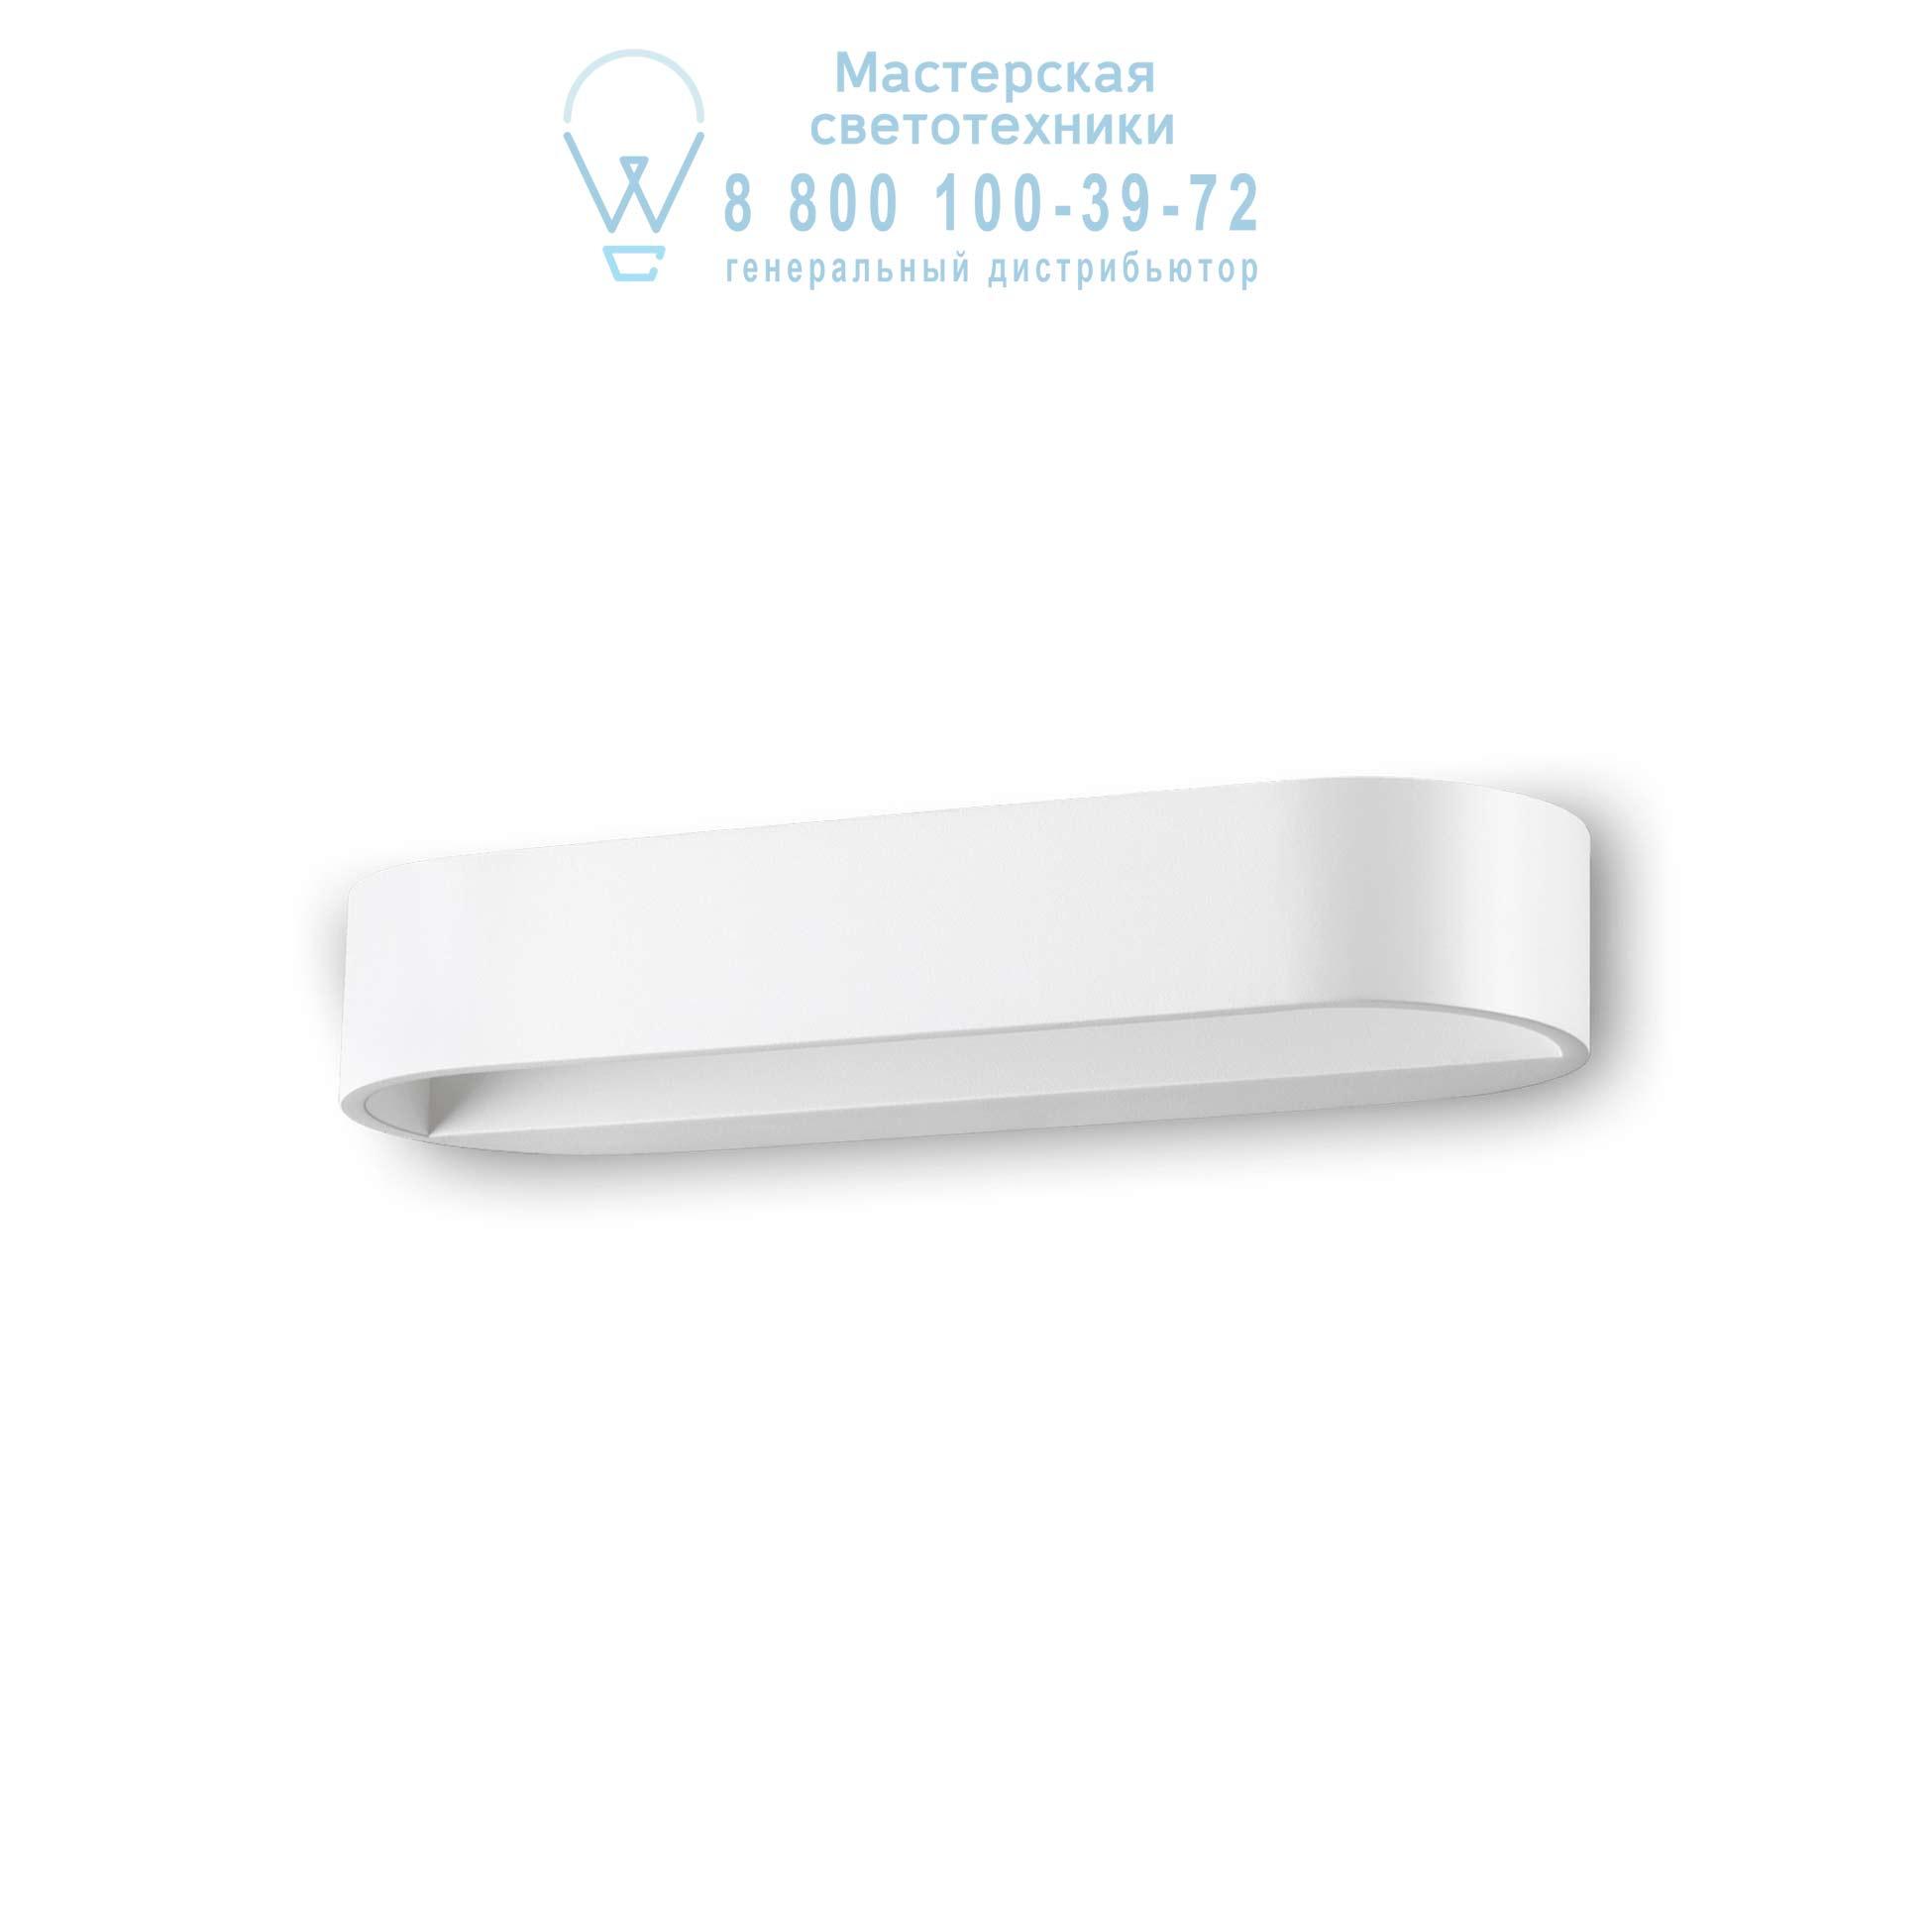 LOLA AP1 SMALL накладной светильник белый